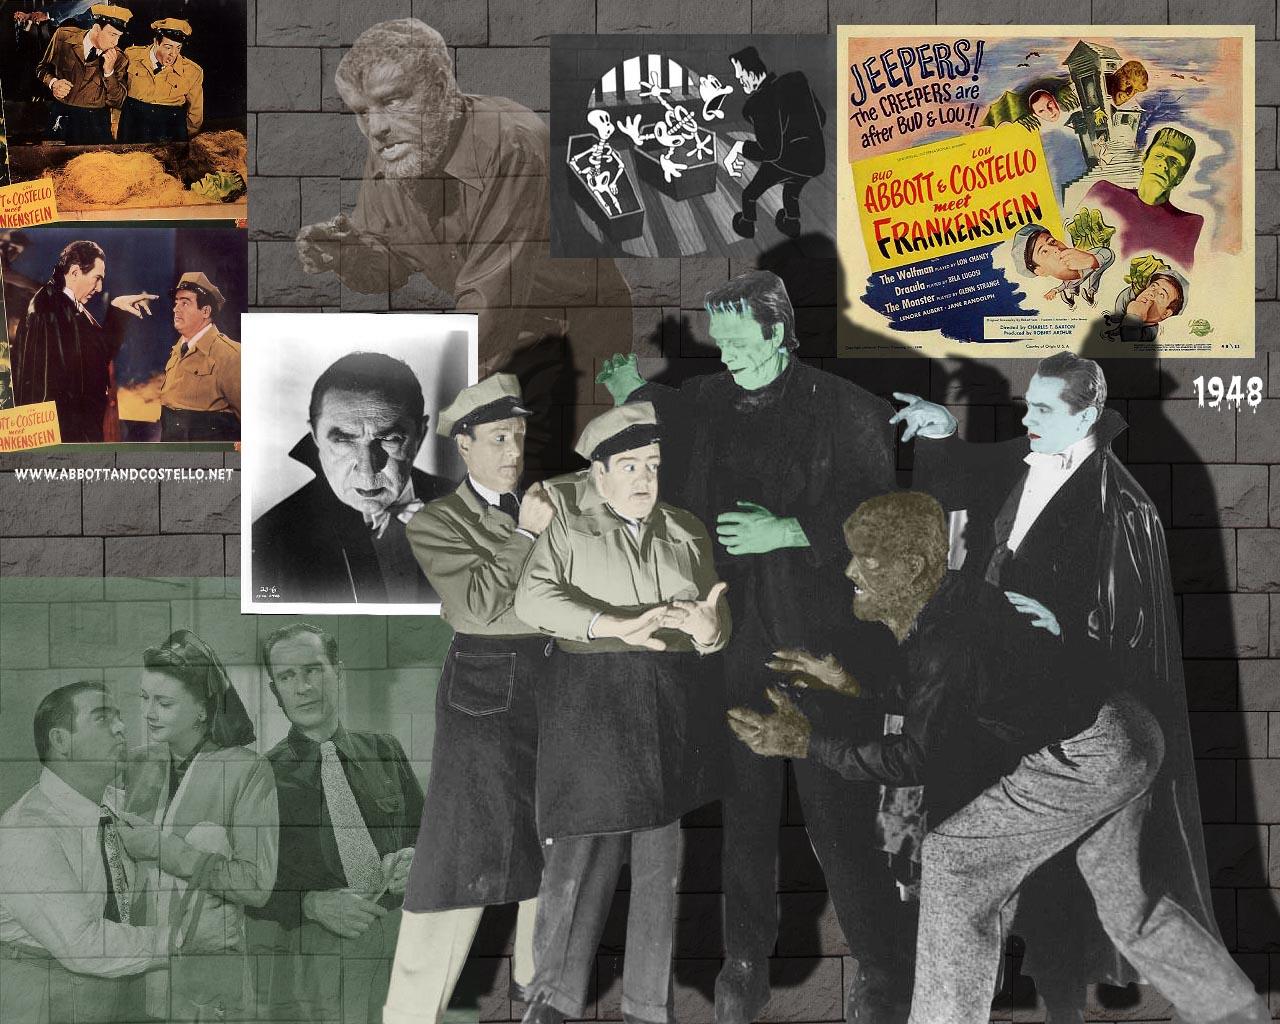 abbott and costello meet frankenstein wallpaper downloads